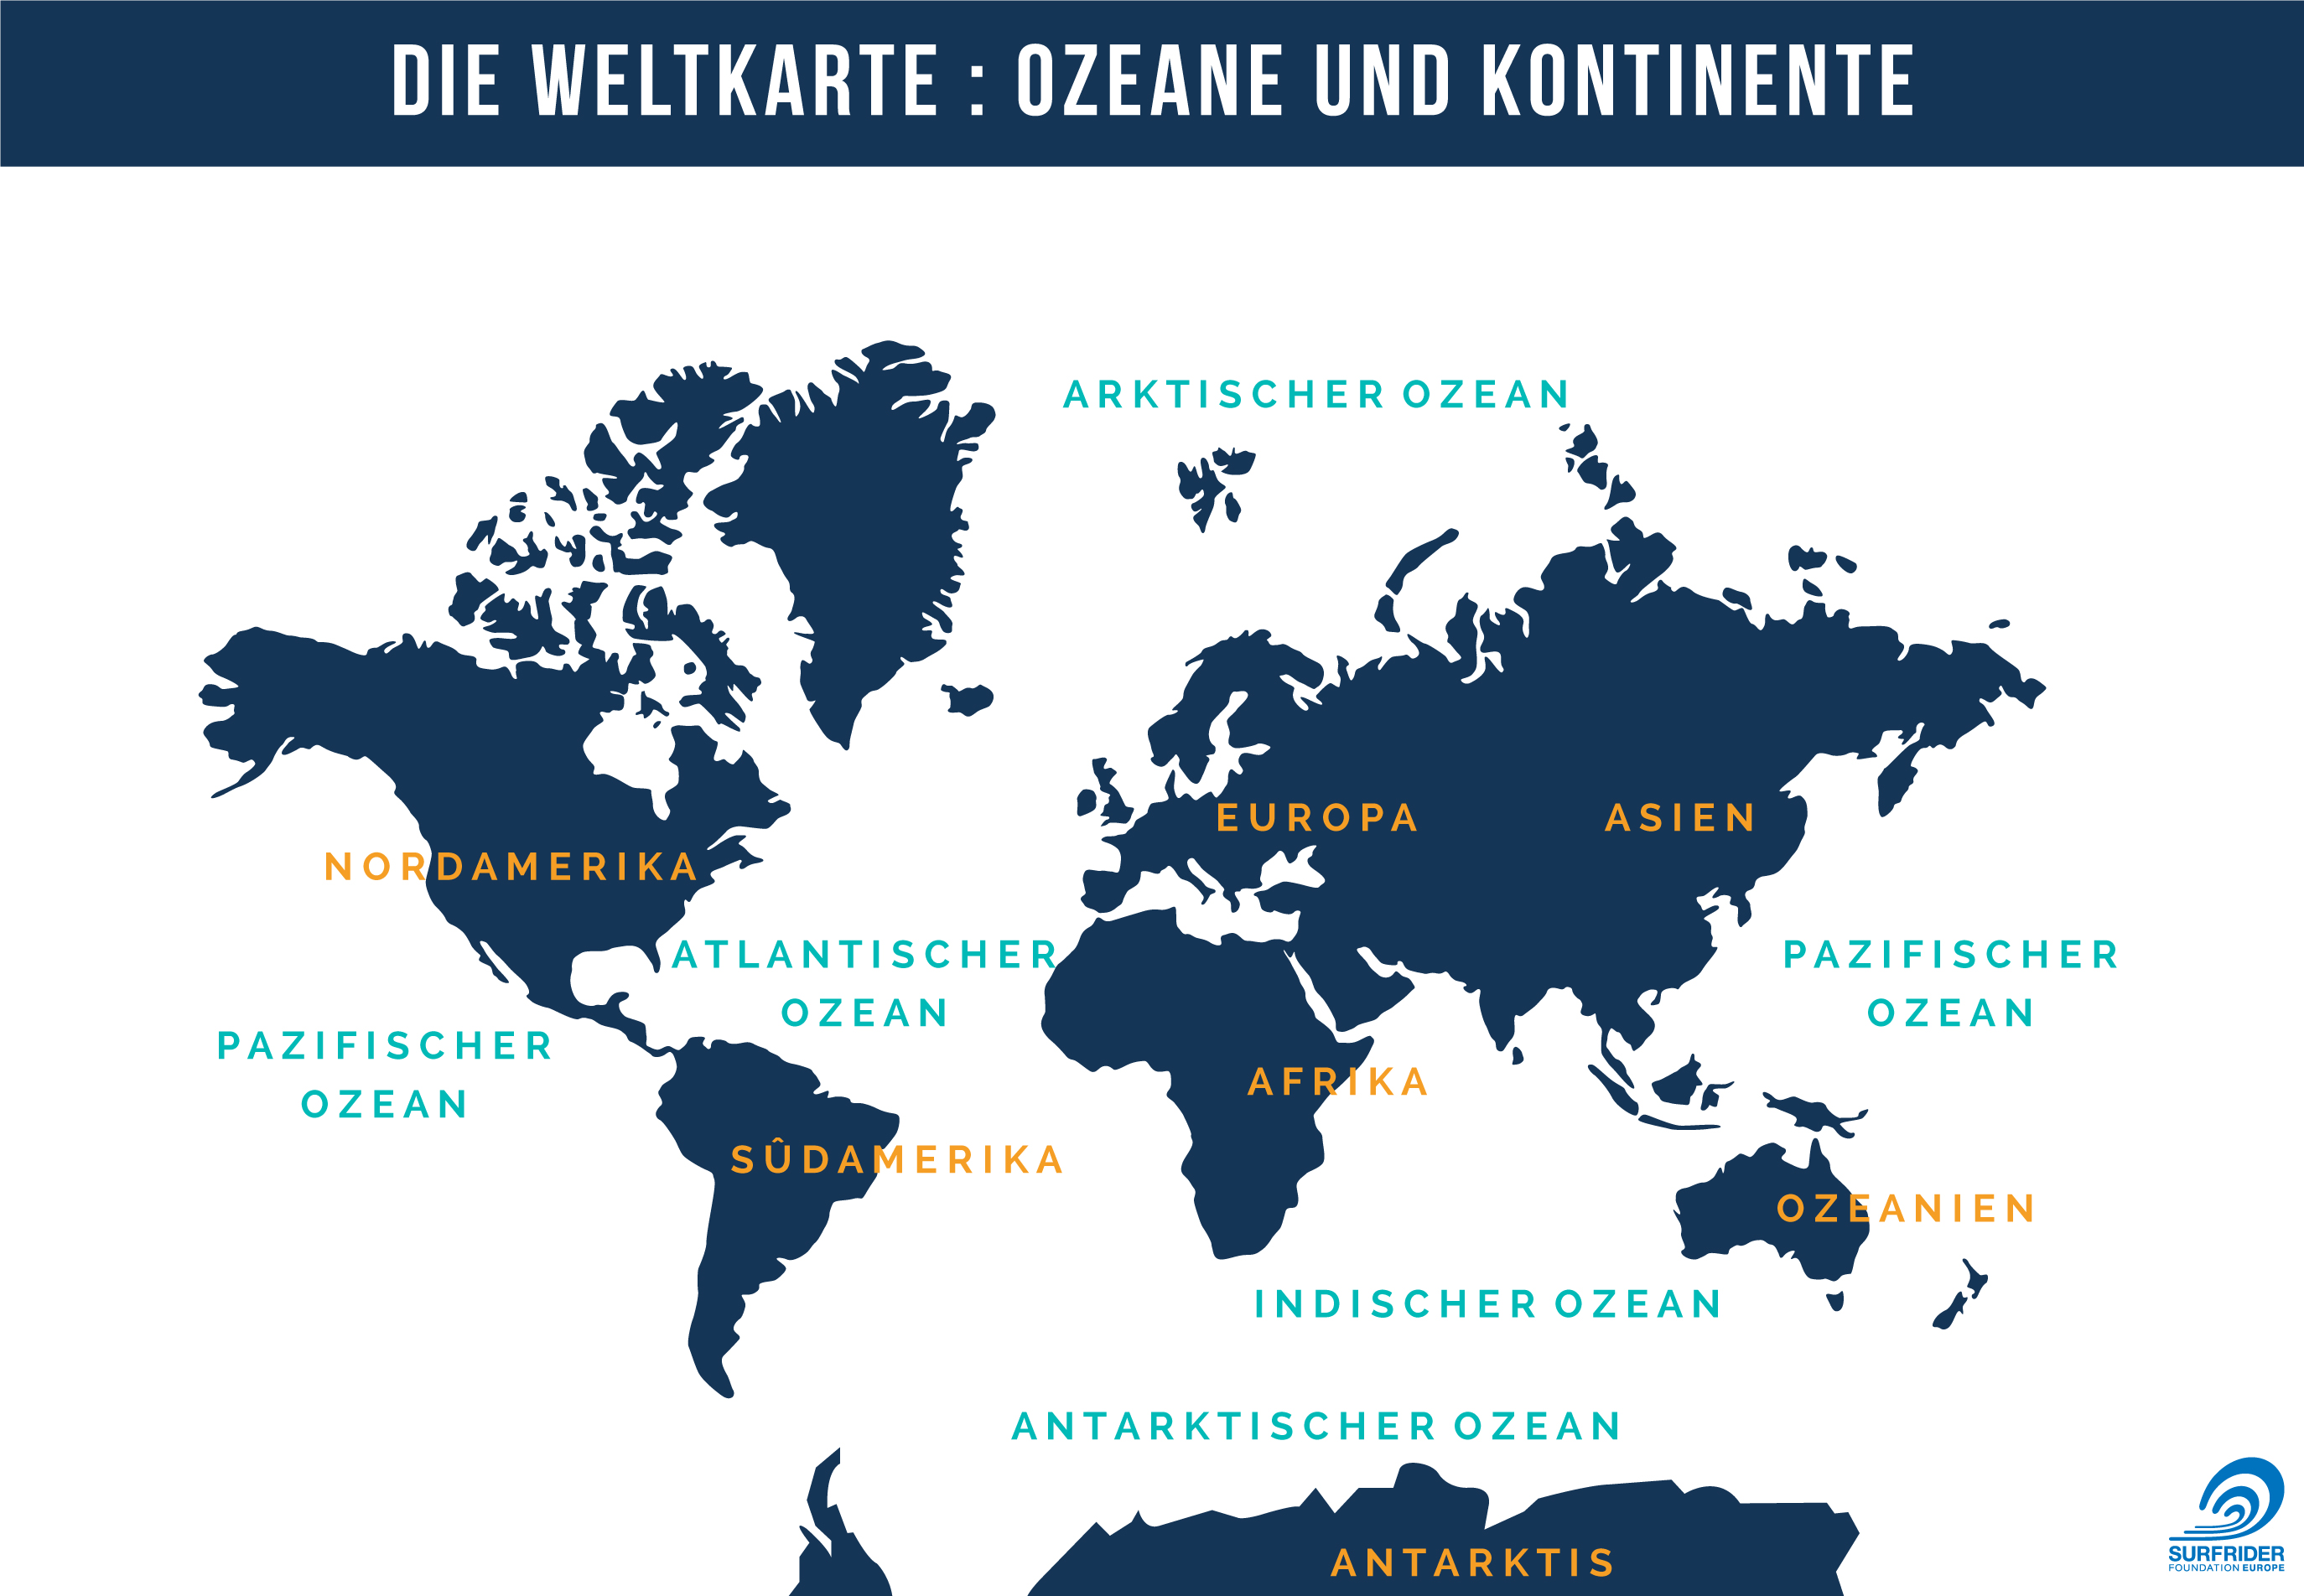 Die Weltkarte Ozeane Und Kontinente Surfrider Ocean Campus